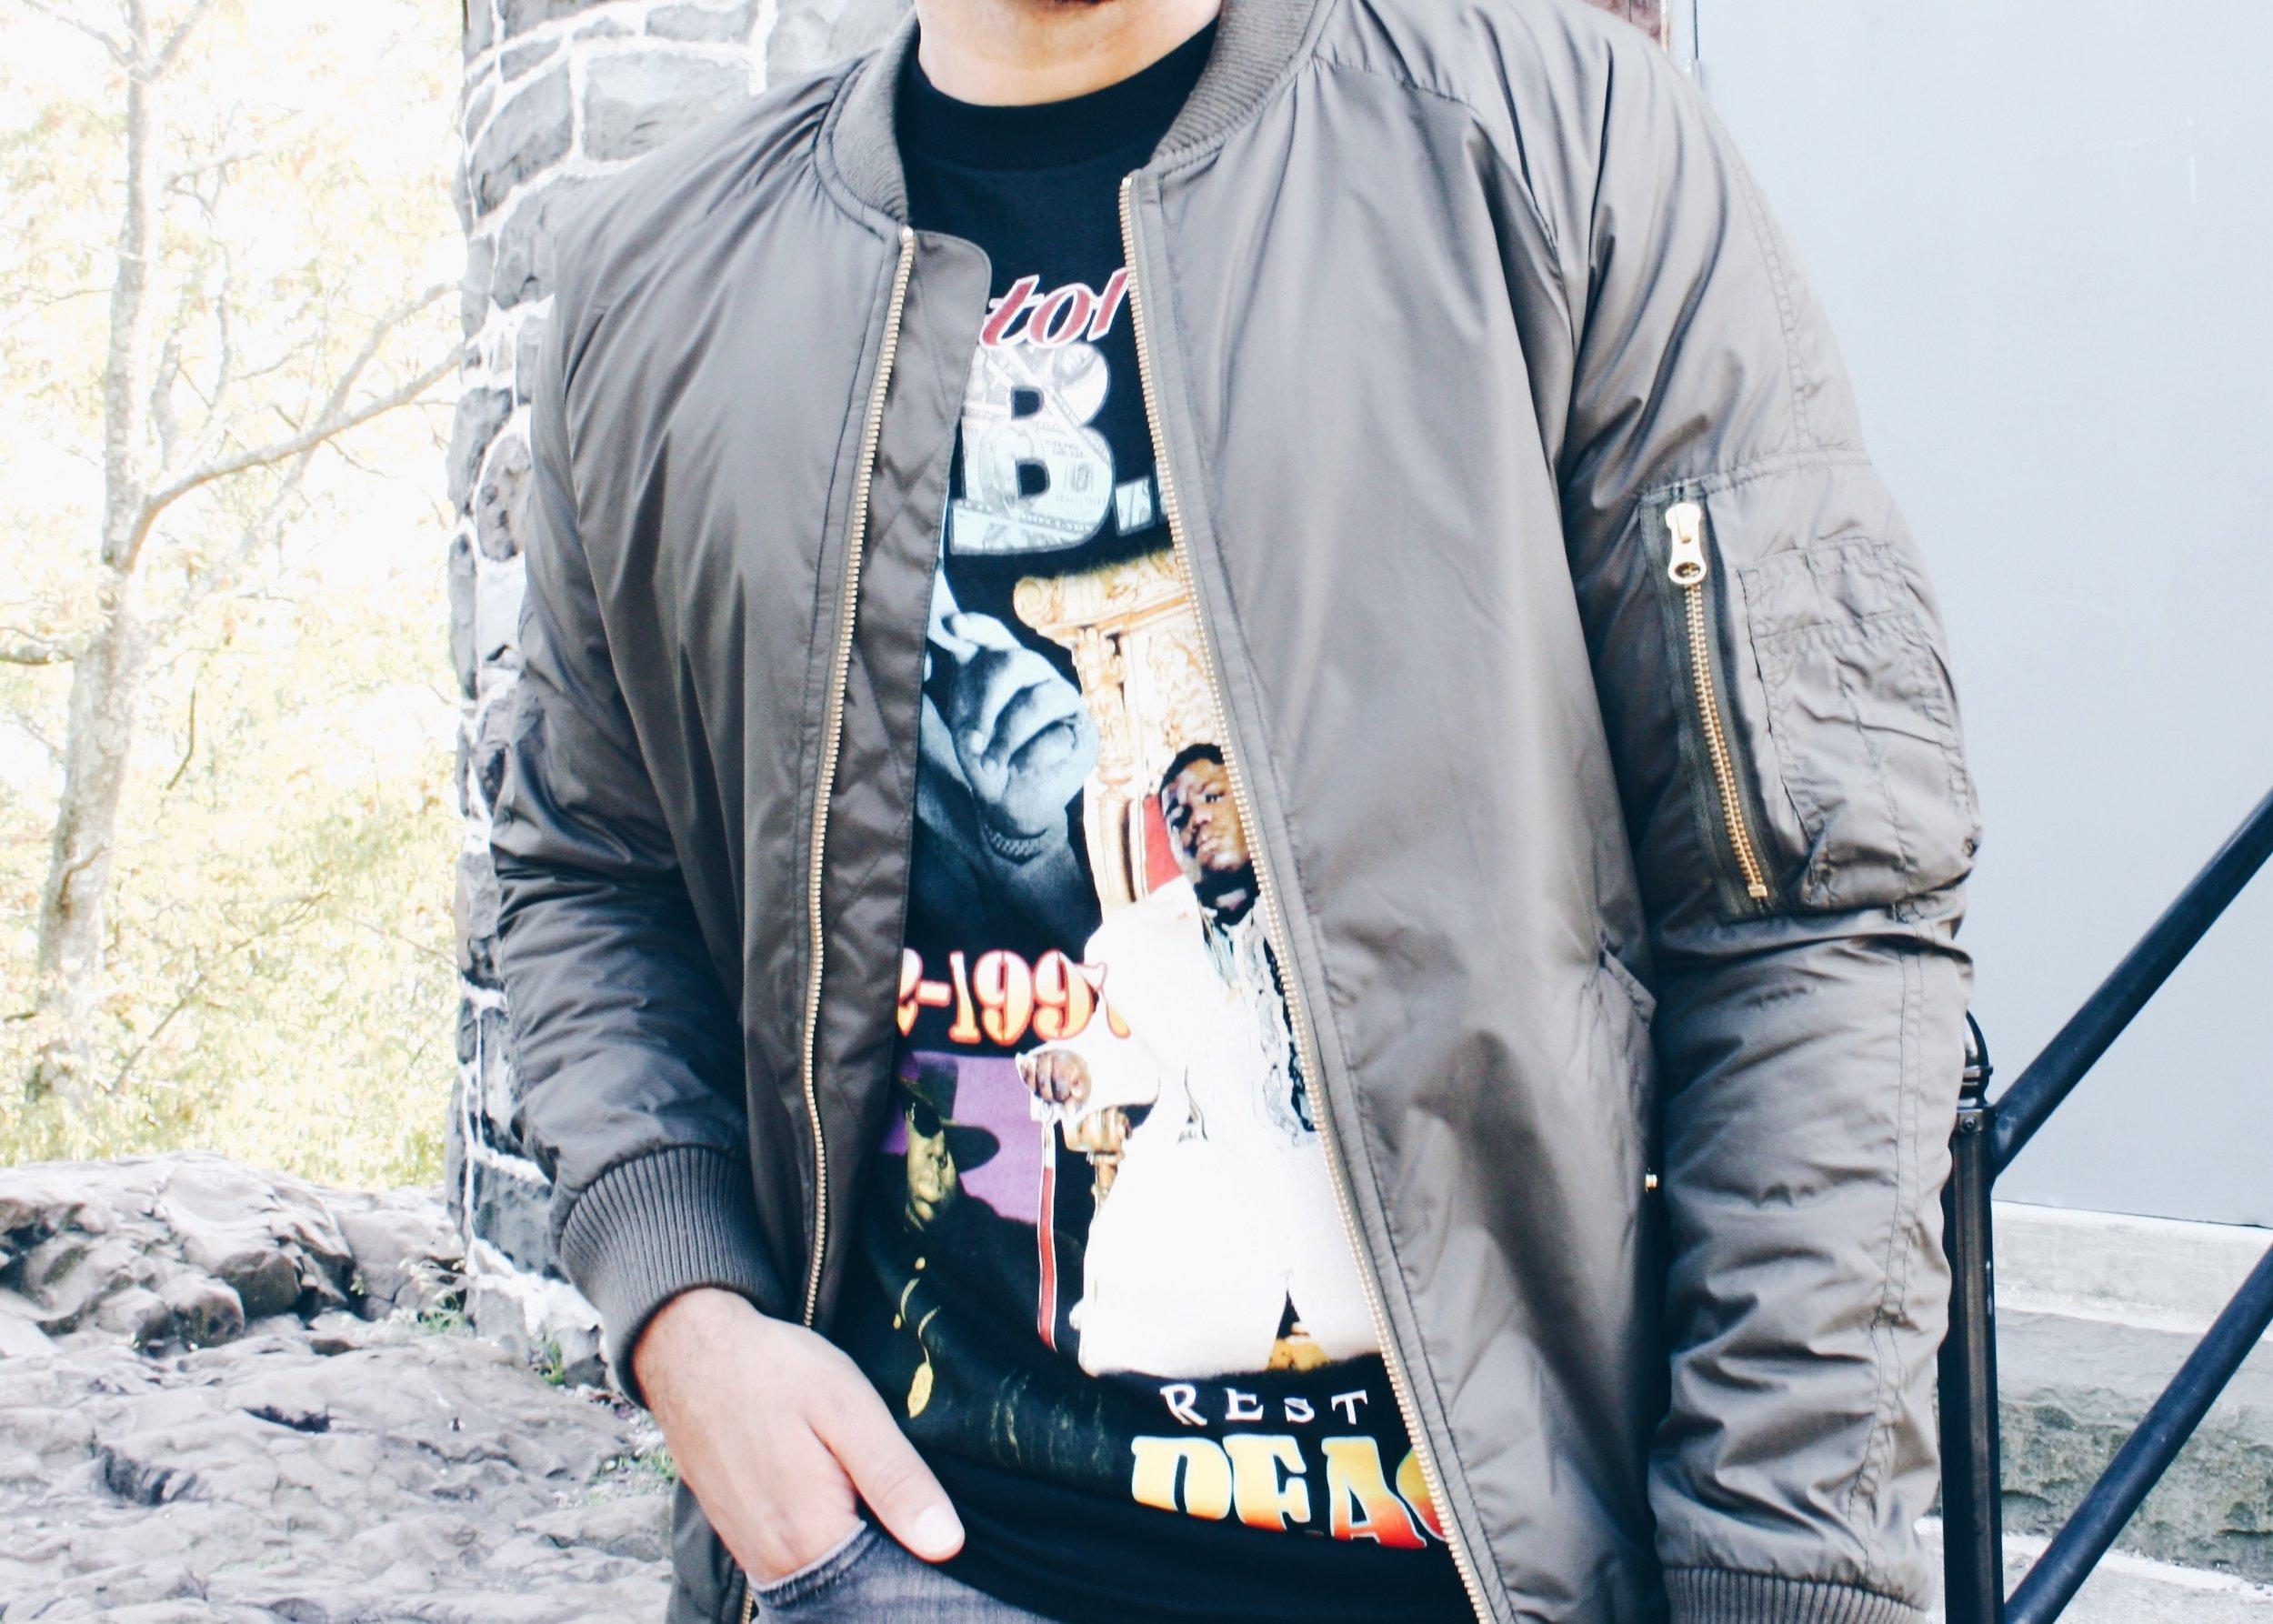 sam-c-perry-vintage-band-tshirt-skinny-jean-cropped-tshirt.jpg